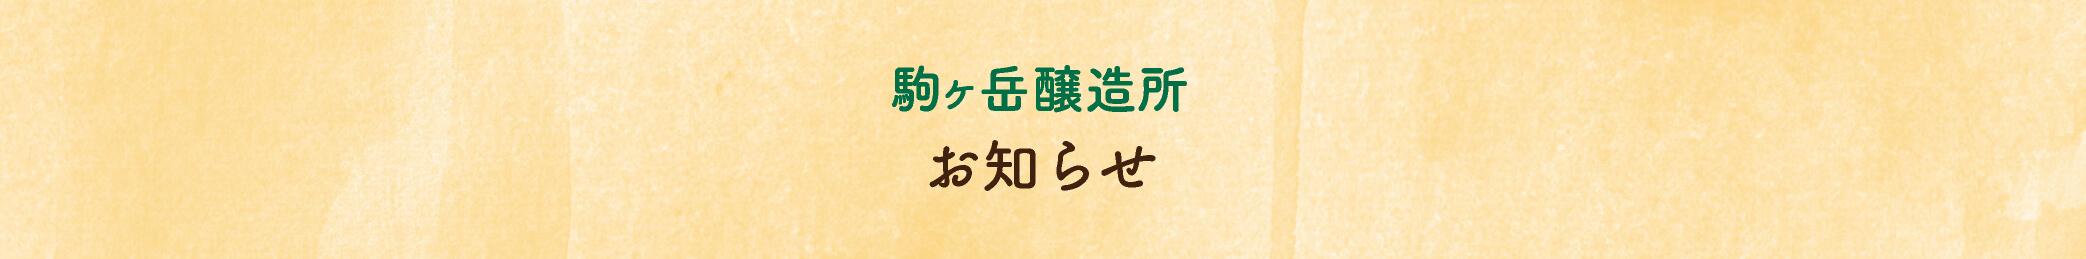 駒ヶ岳醸造所からのお知らせ